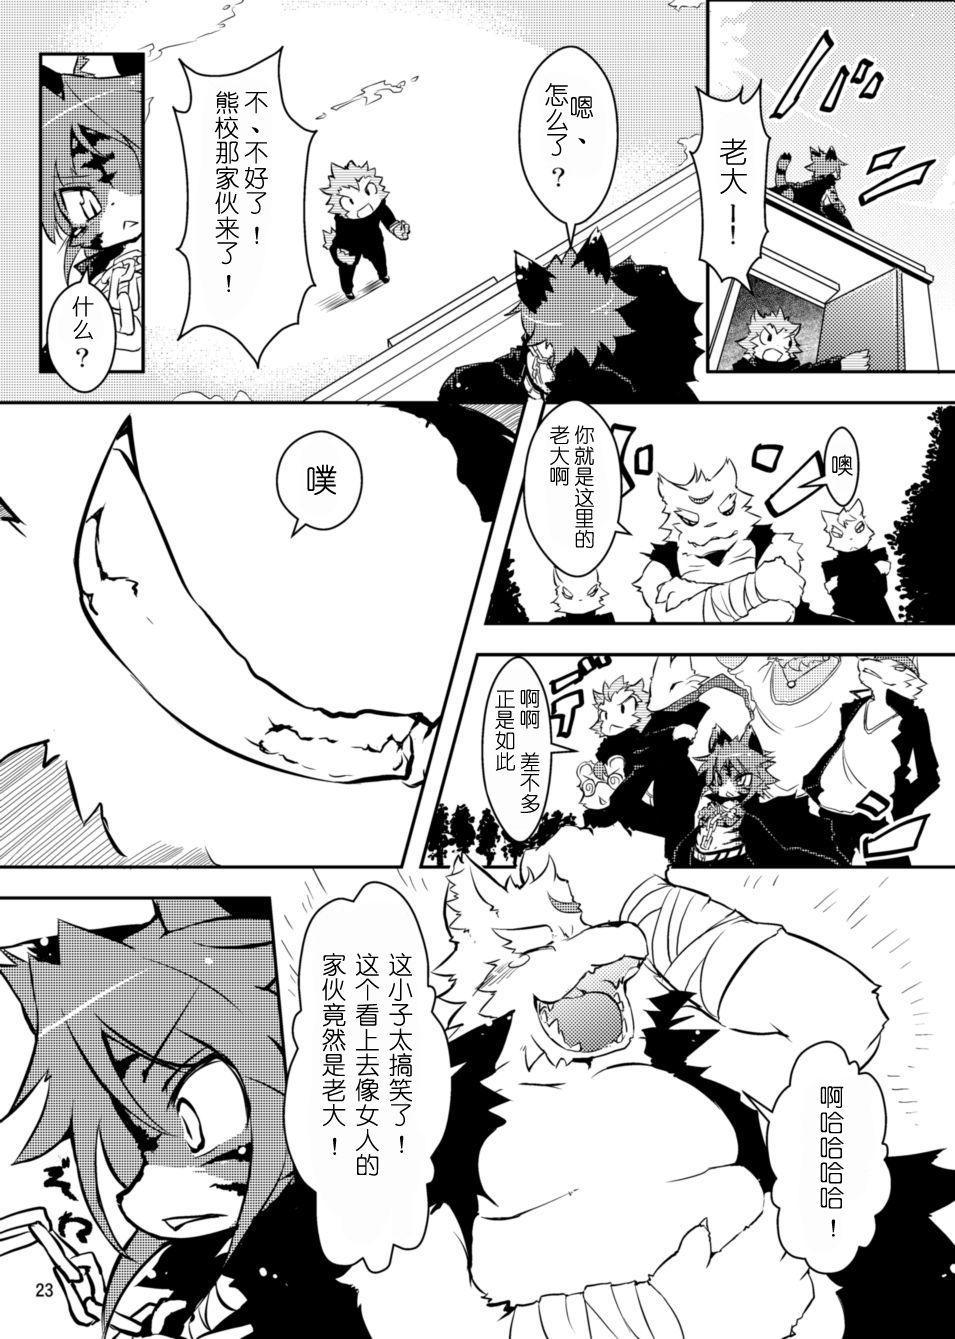 Sakigake! Toraman Bancho-chan! 5